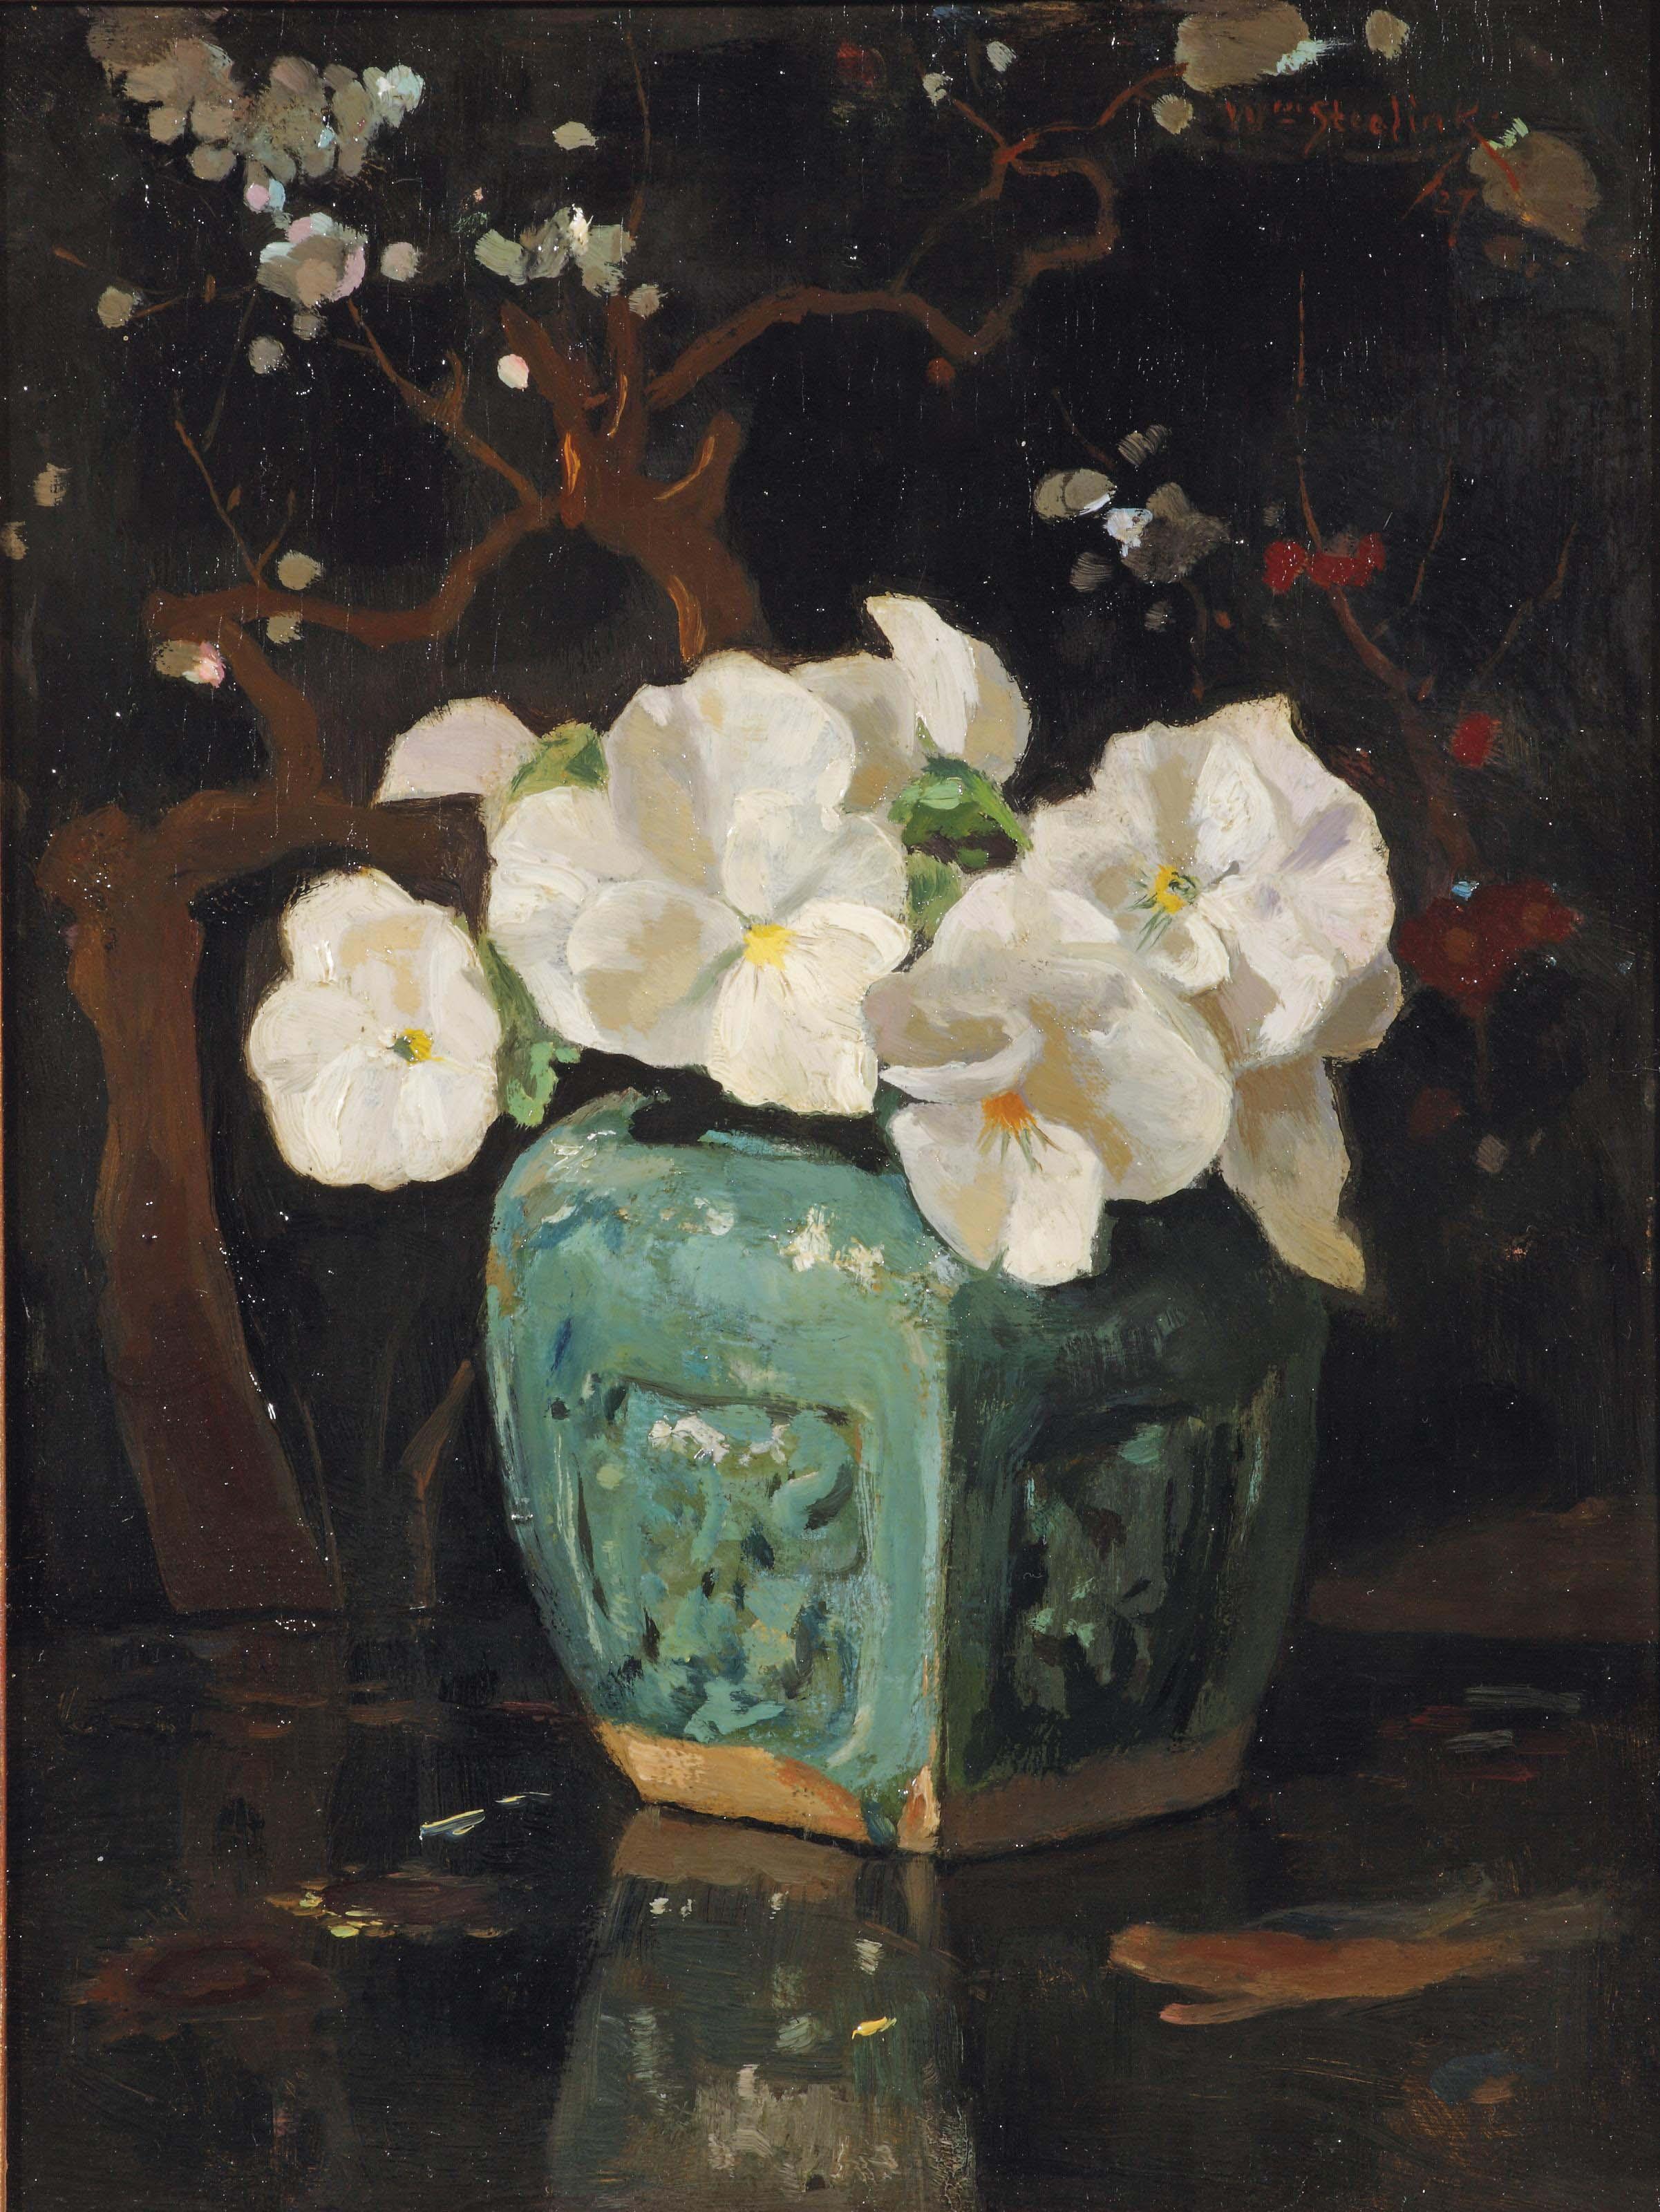 White violets in a ginger jar